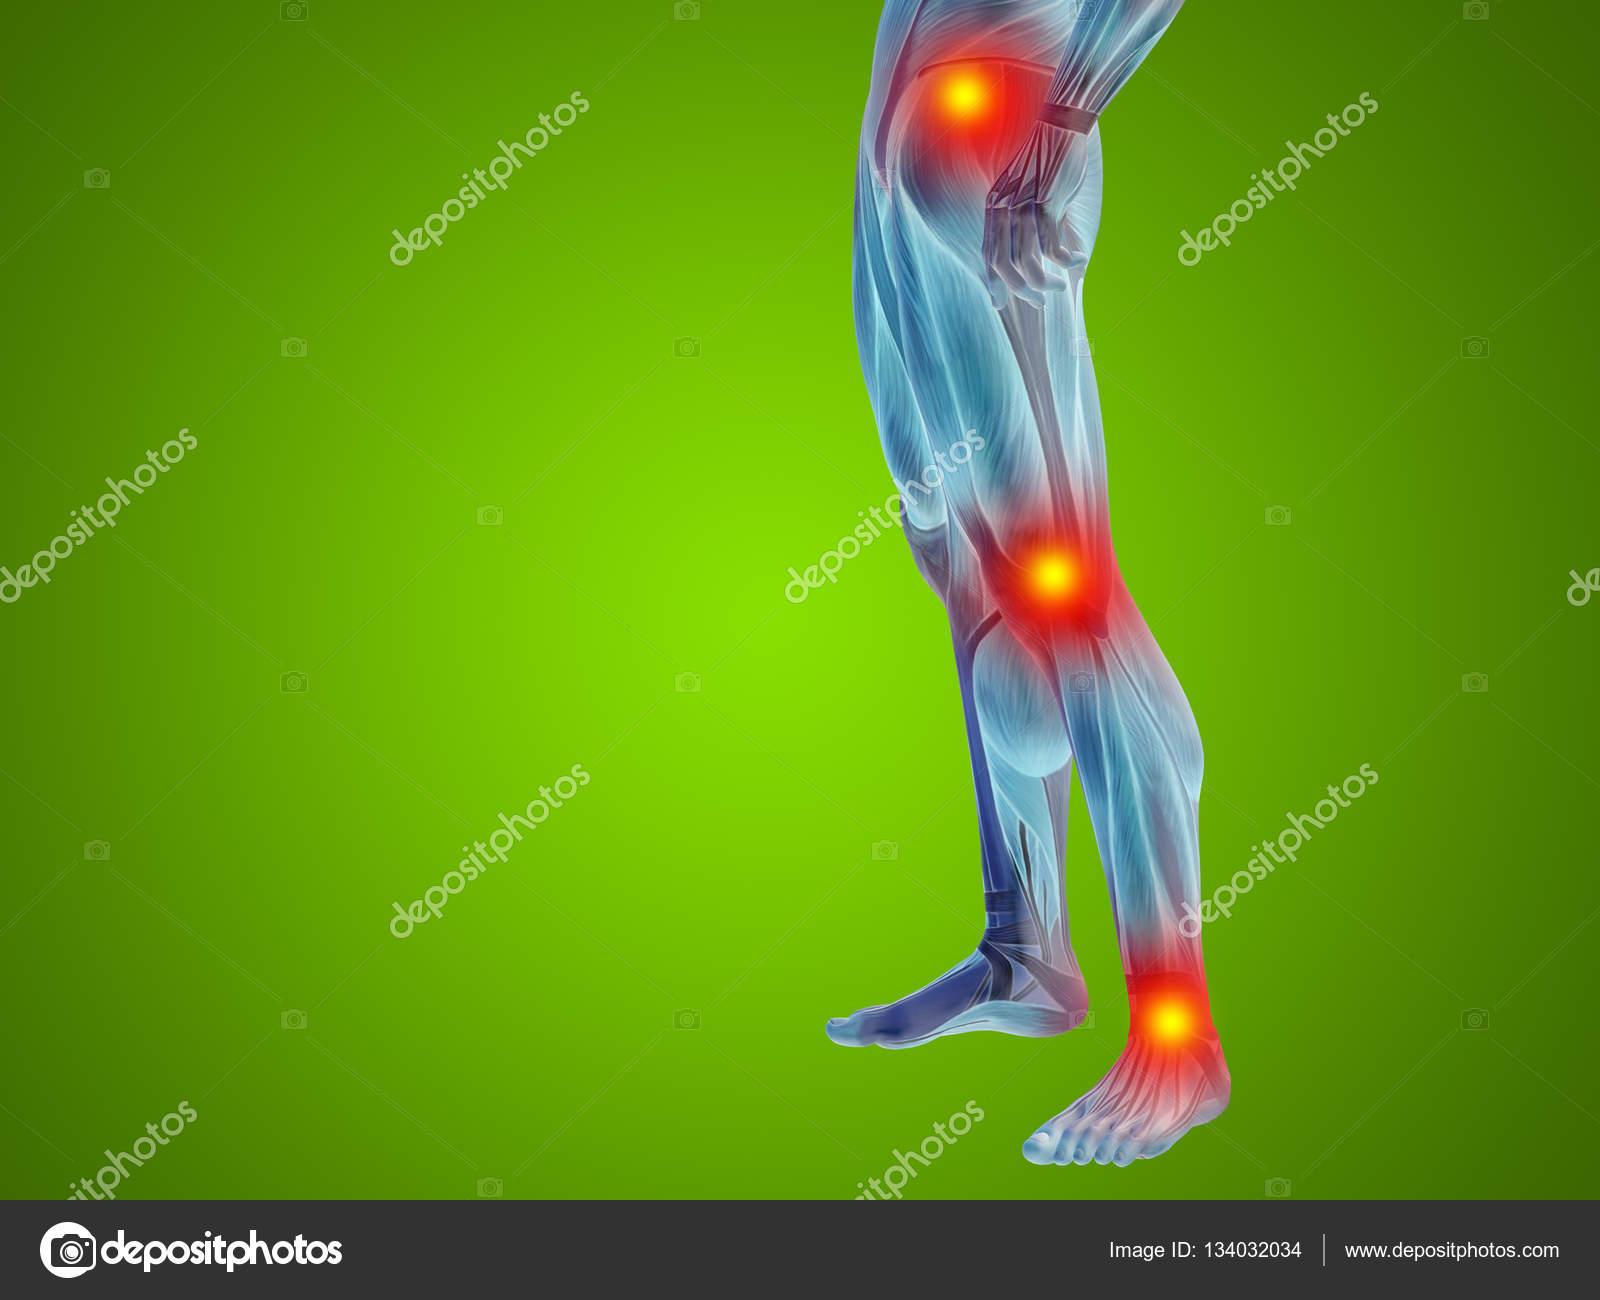 Mann menschlich Anatomie Unterkörper — Stockfoto © design36 #134032034